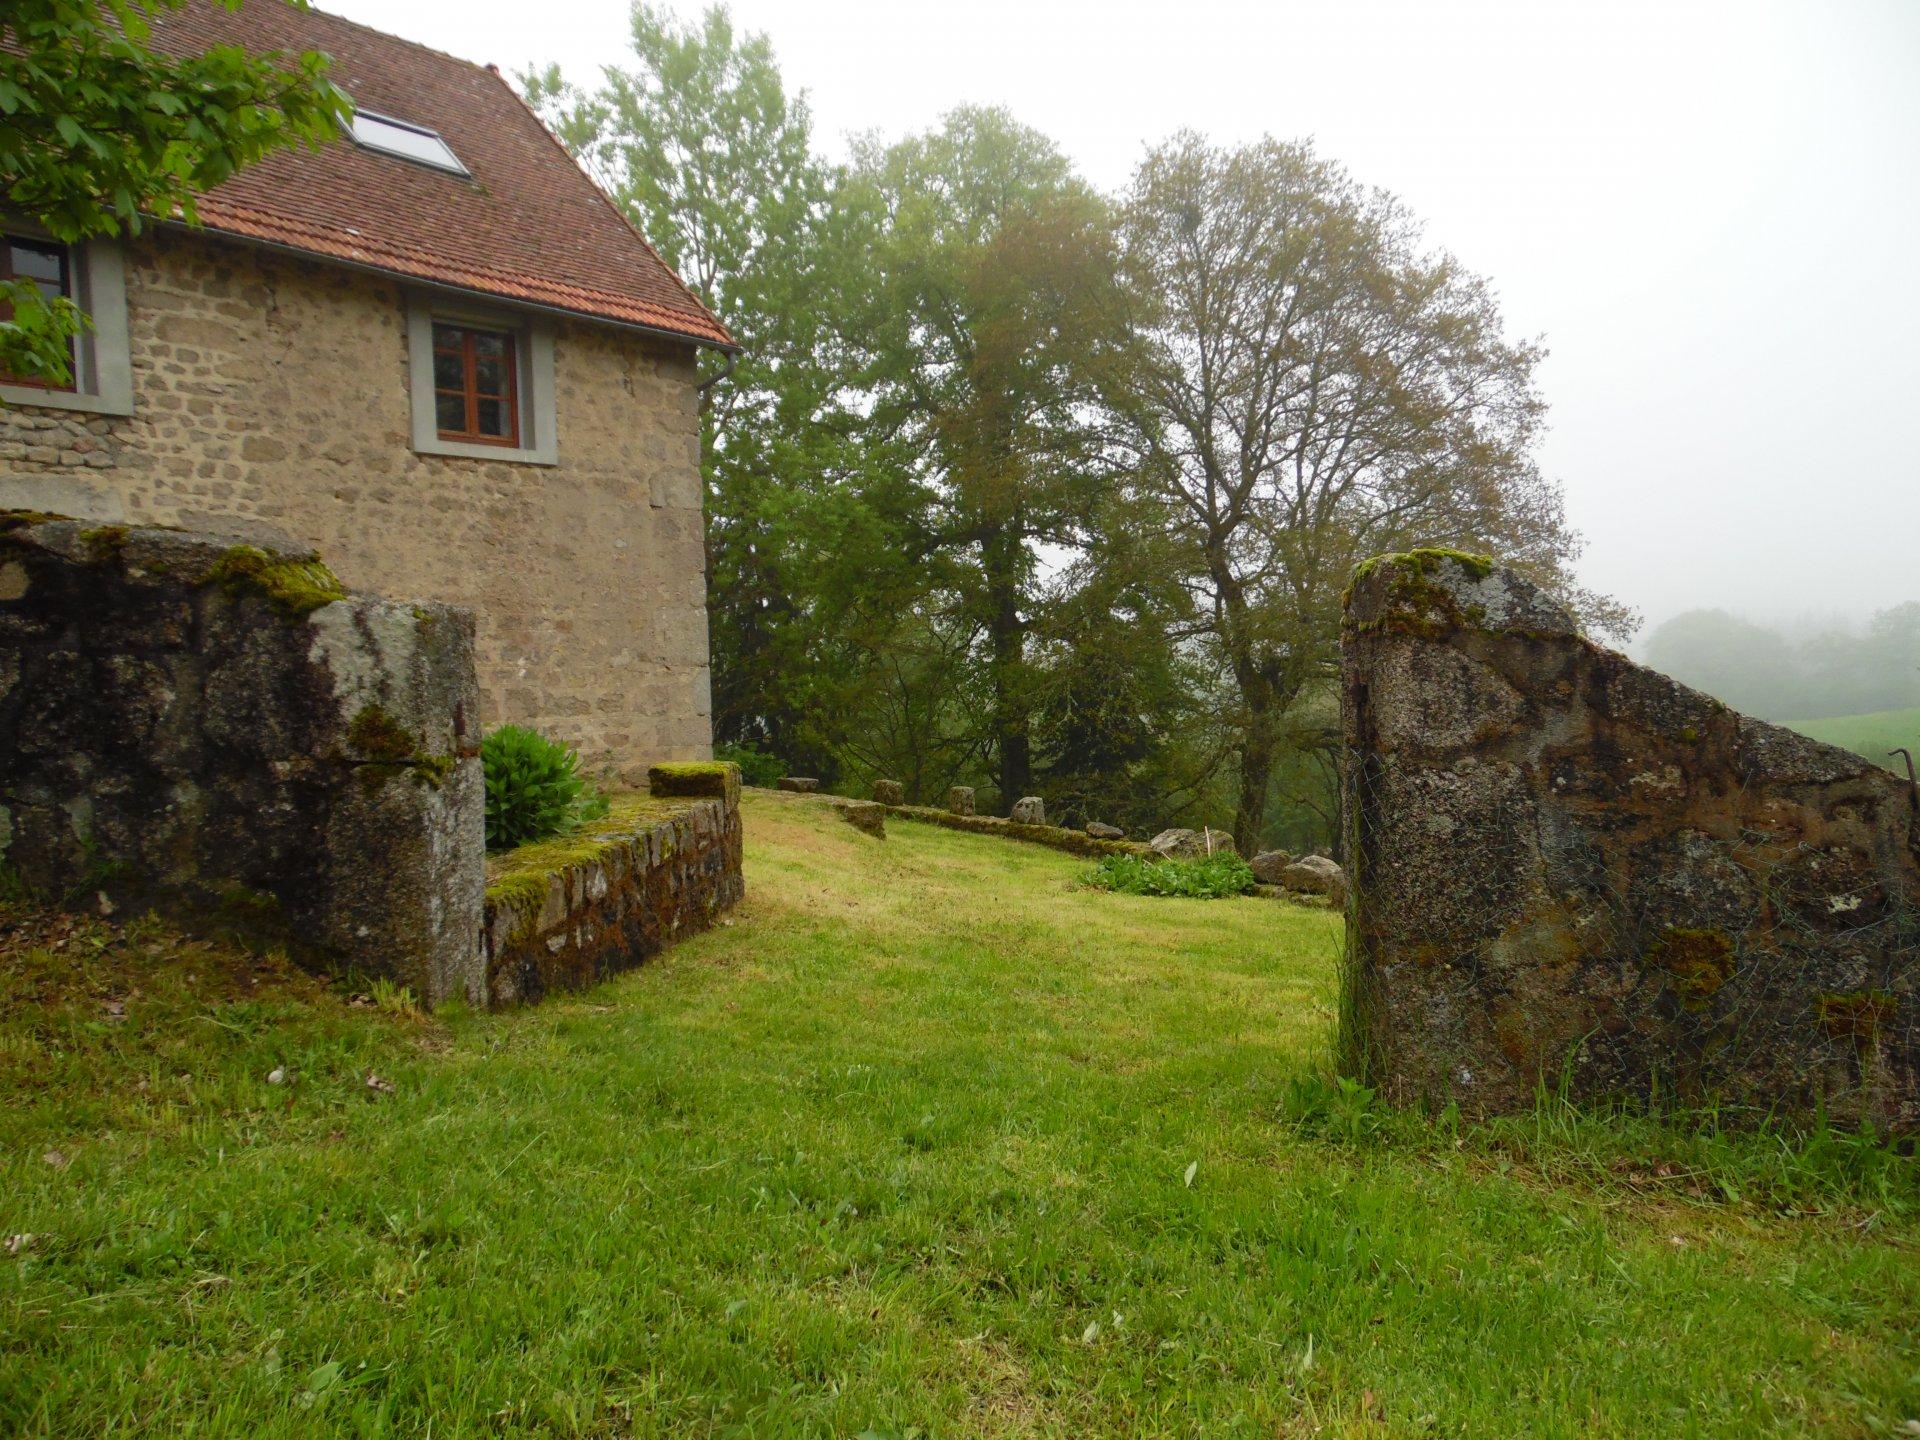 A vendre, belle maison en pierre avec garage, grange et terrain.